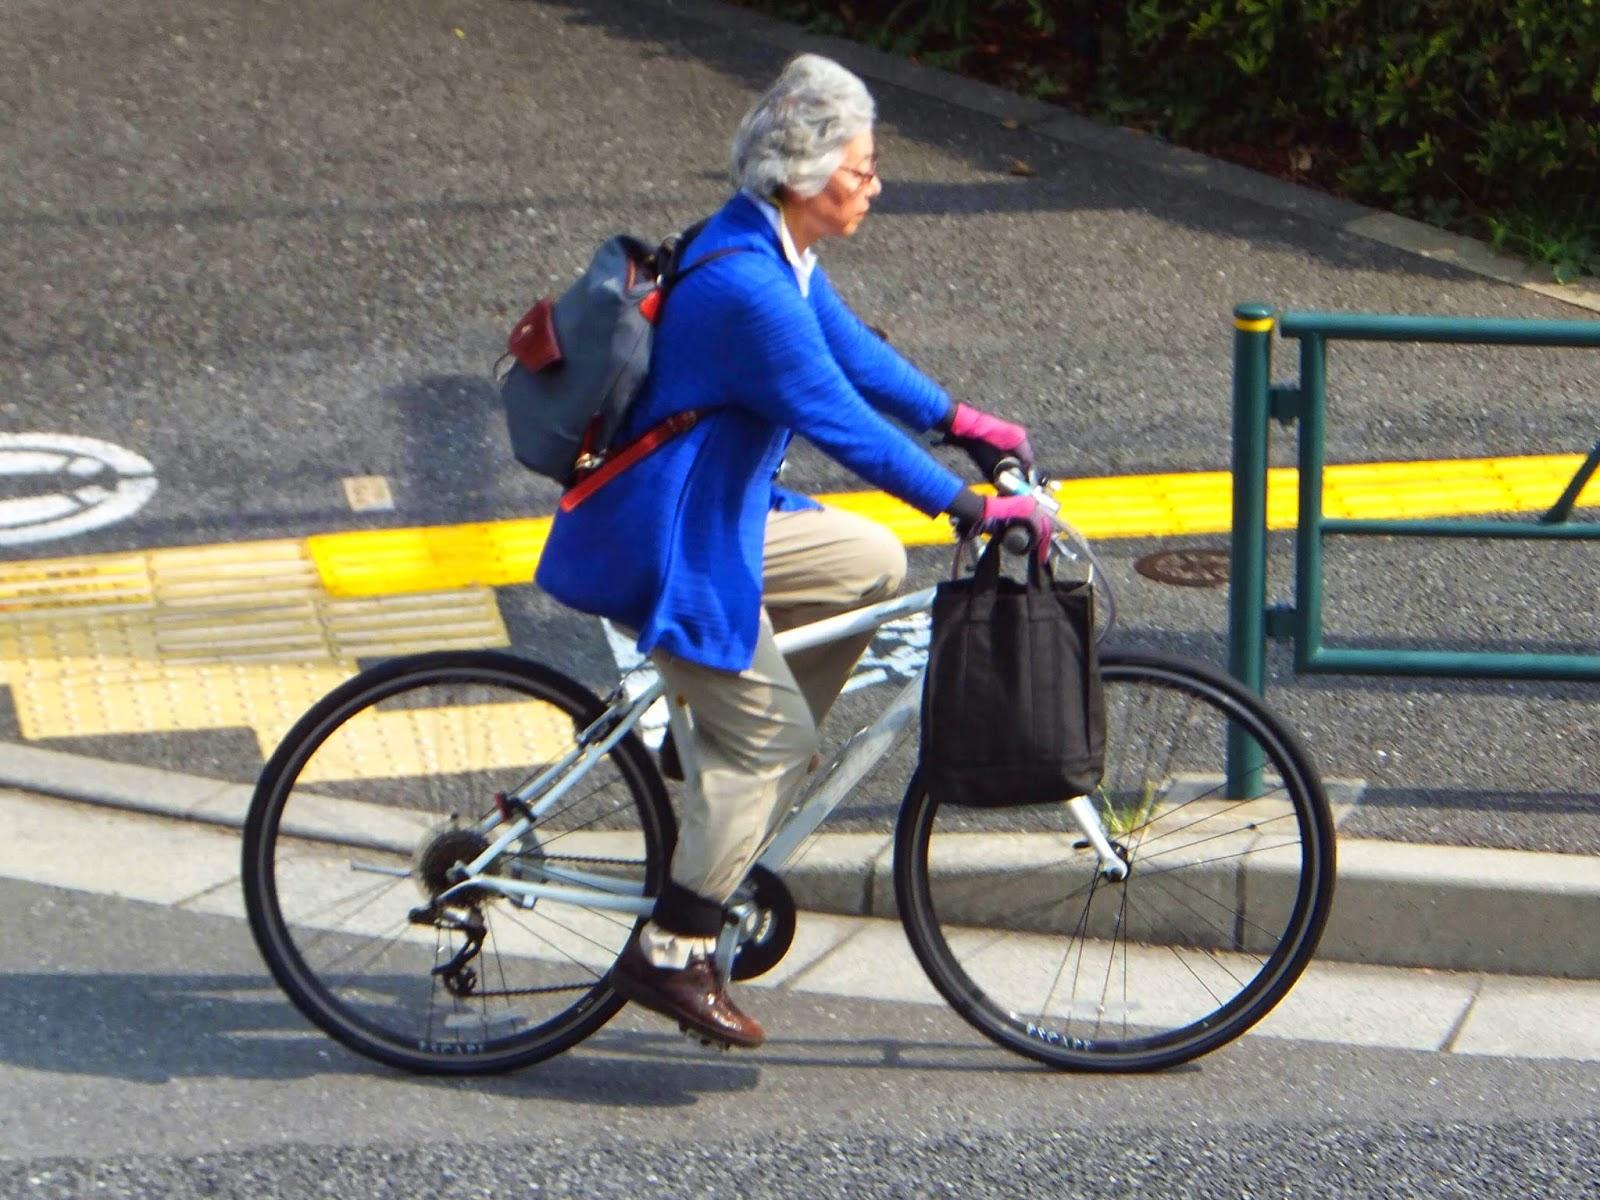 elderly cycling ile ilgili görsel sonucu